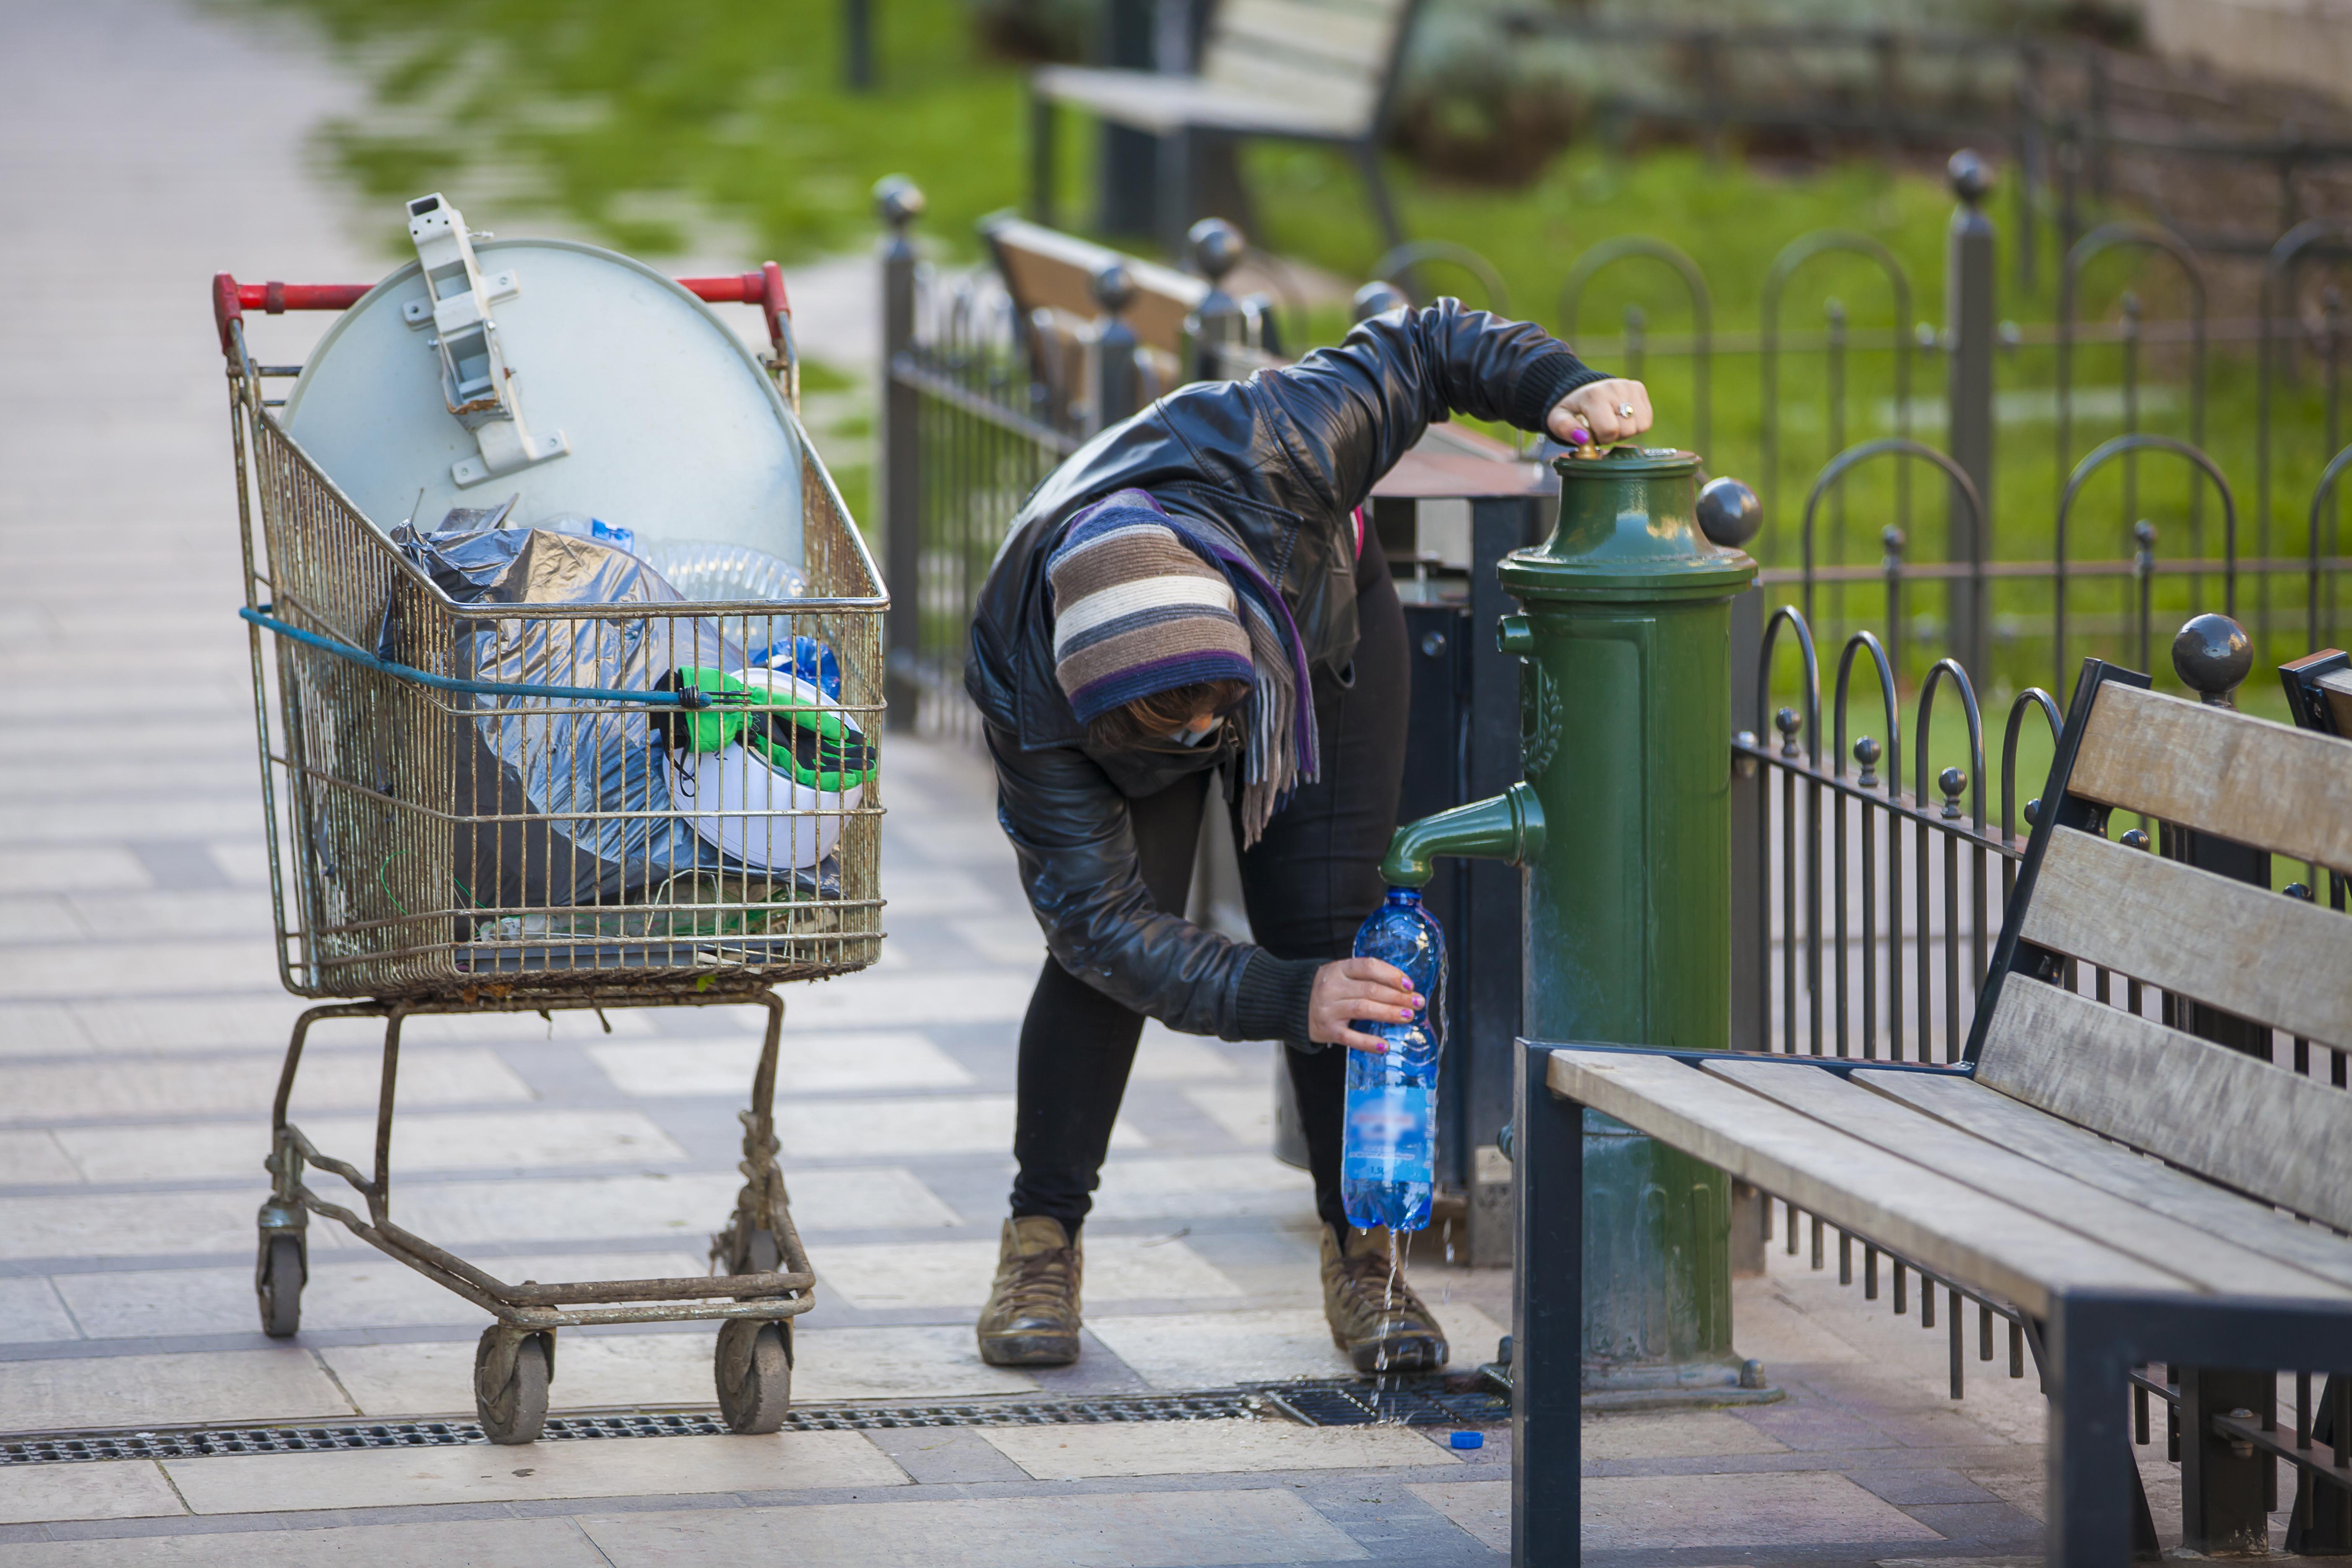 Personne sans-abri remplissant de l'eau à une fontaine public